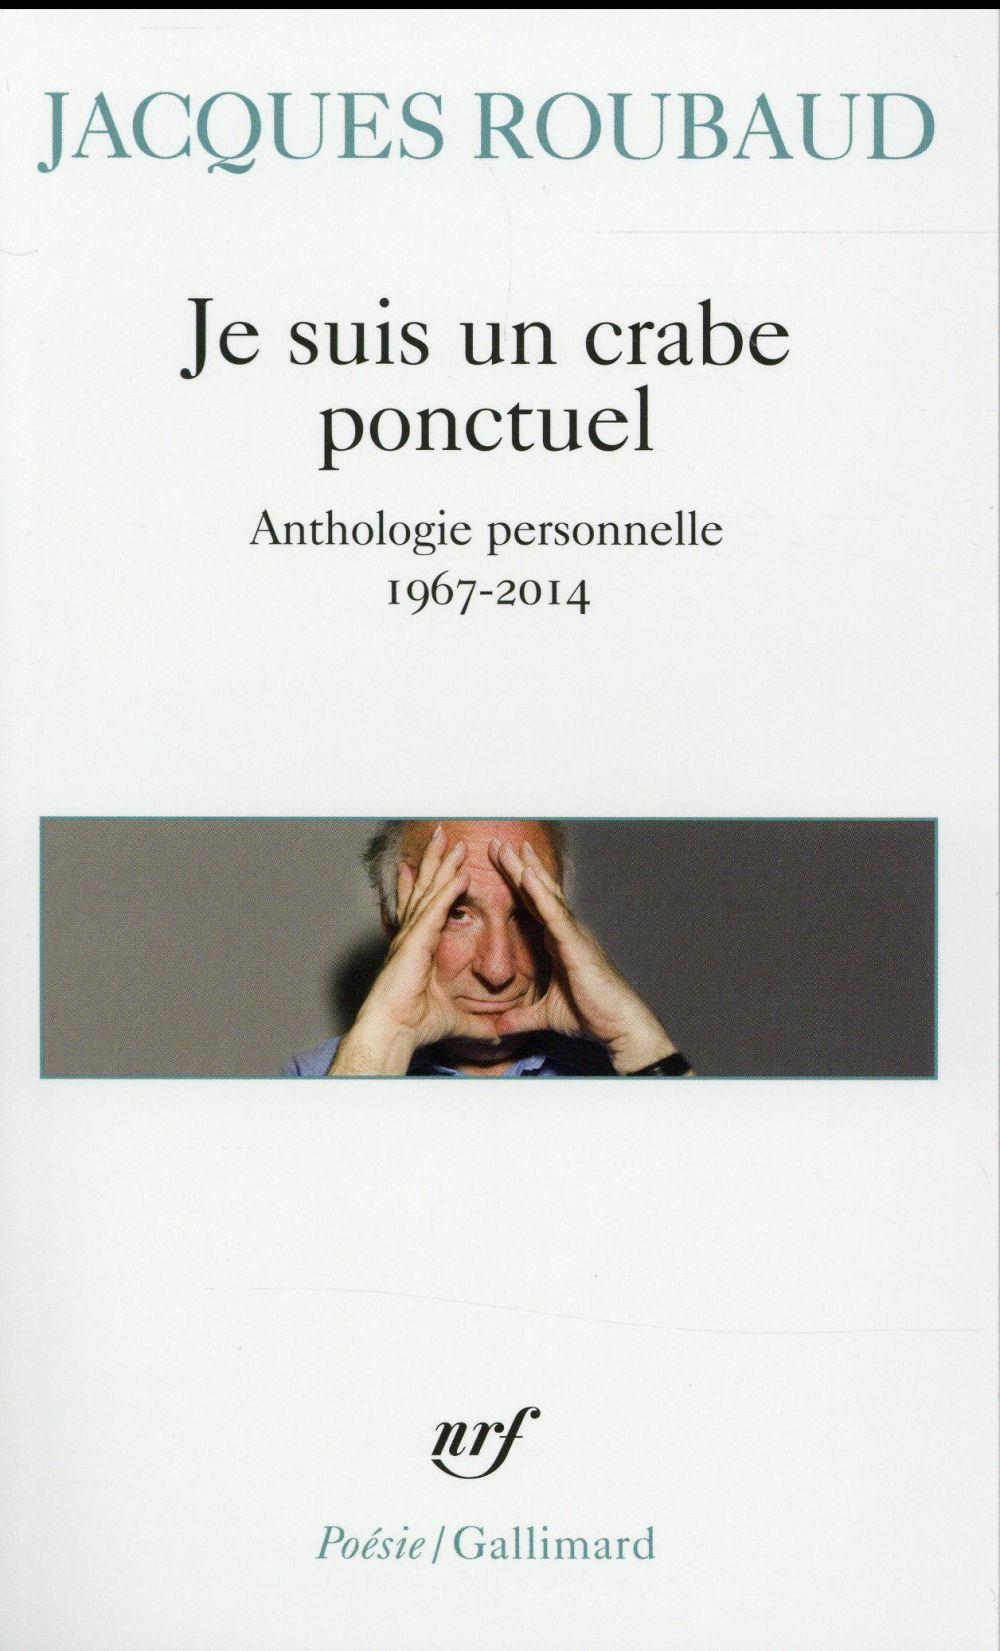 JE SUIS UN CRABE PONCTUEL - ANTHOLOGIE PERSONNELLE 1967-2014